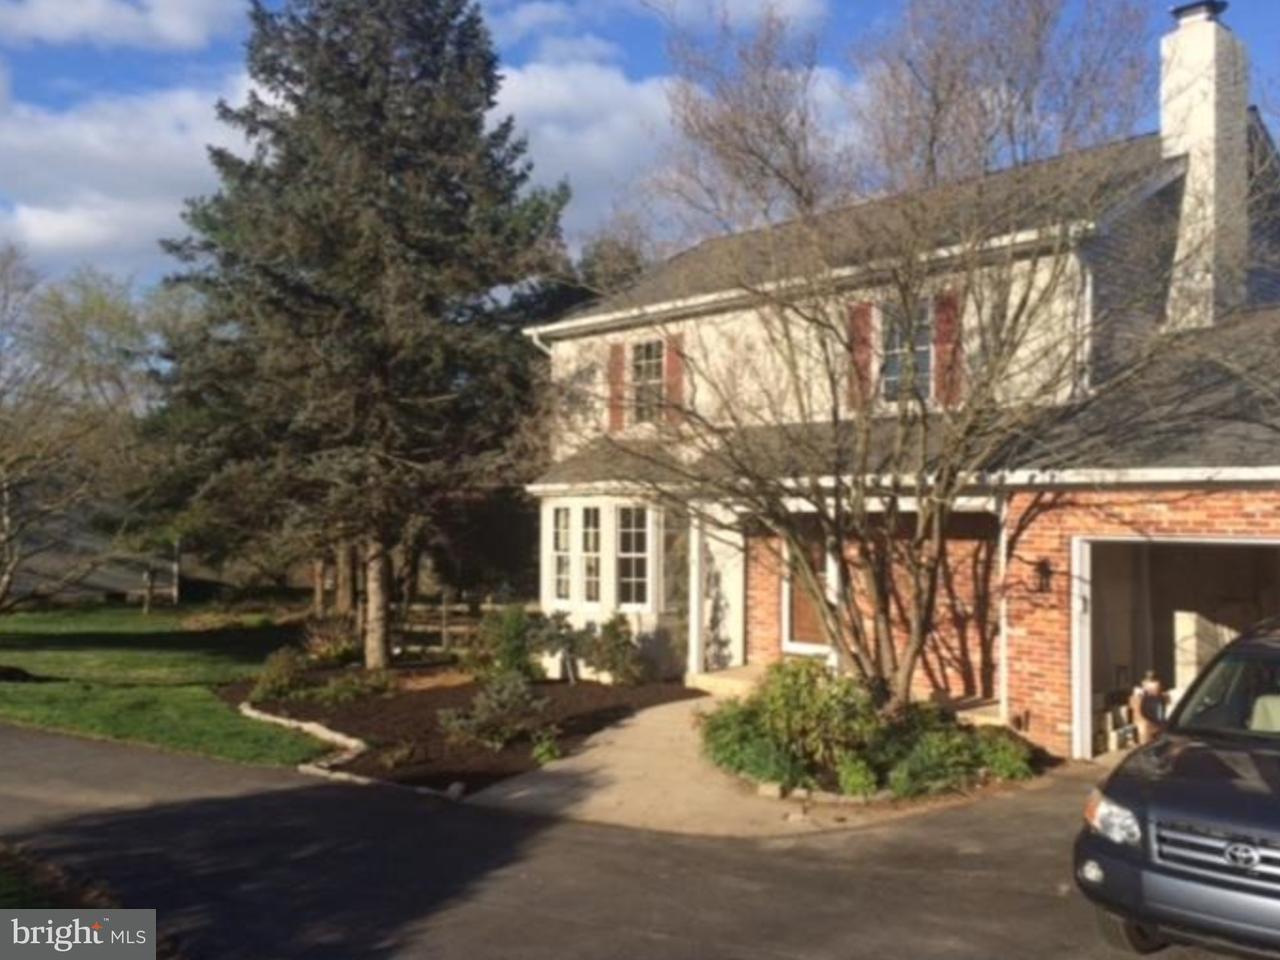 Частный односемейный дом для того Аренда на 1008 WHEATLAND Drive Coatesville, Пенсильвания 19320 Соединенные Штаты